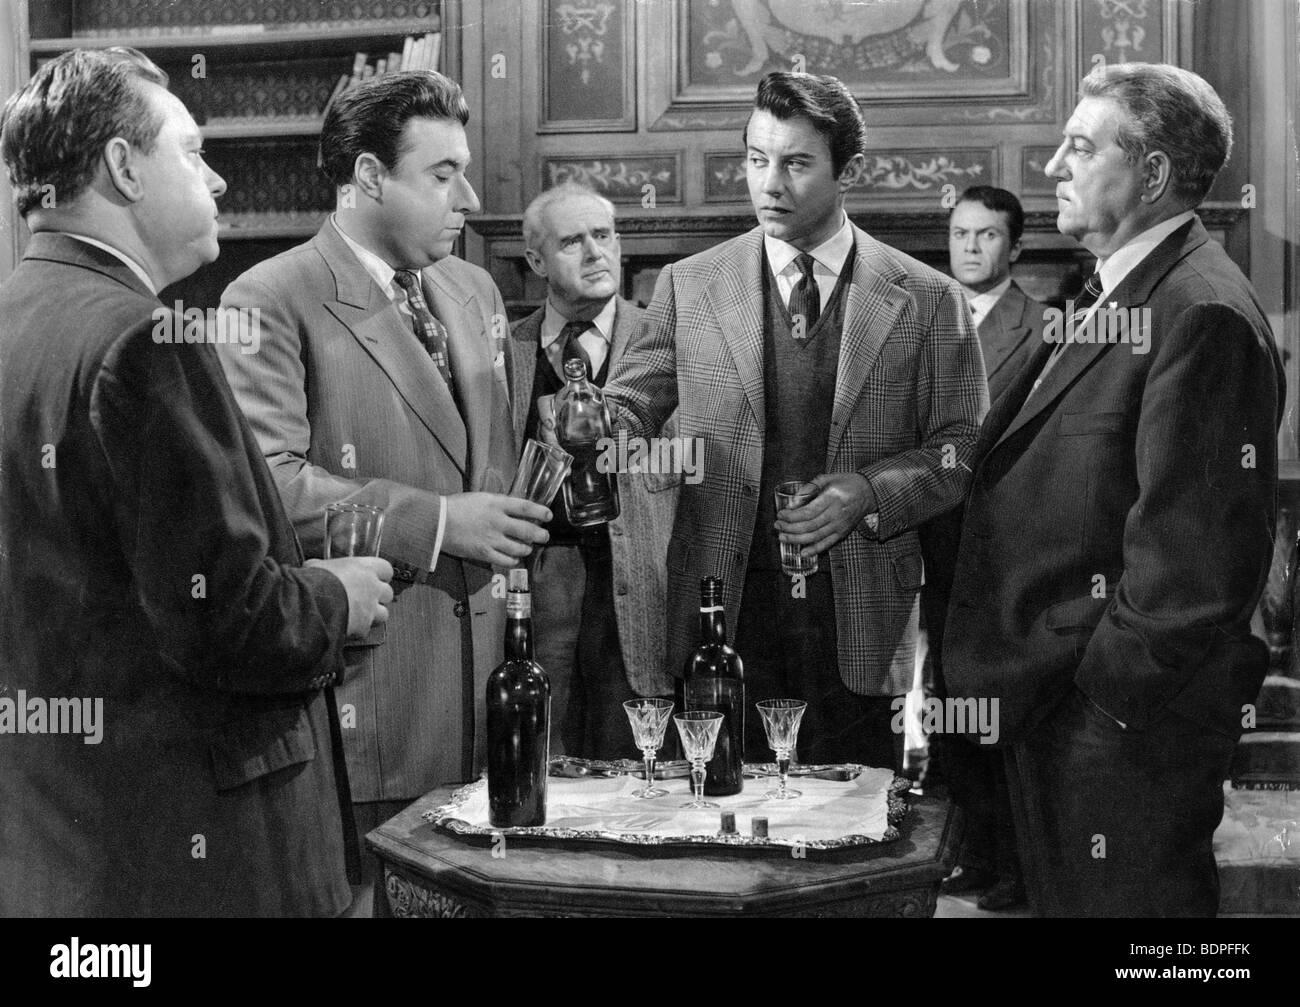 Maigret et l'affaire Saint Fiacre Year 1959 Director Jean Delannoy Paul  Frankeur, Jacques